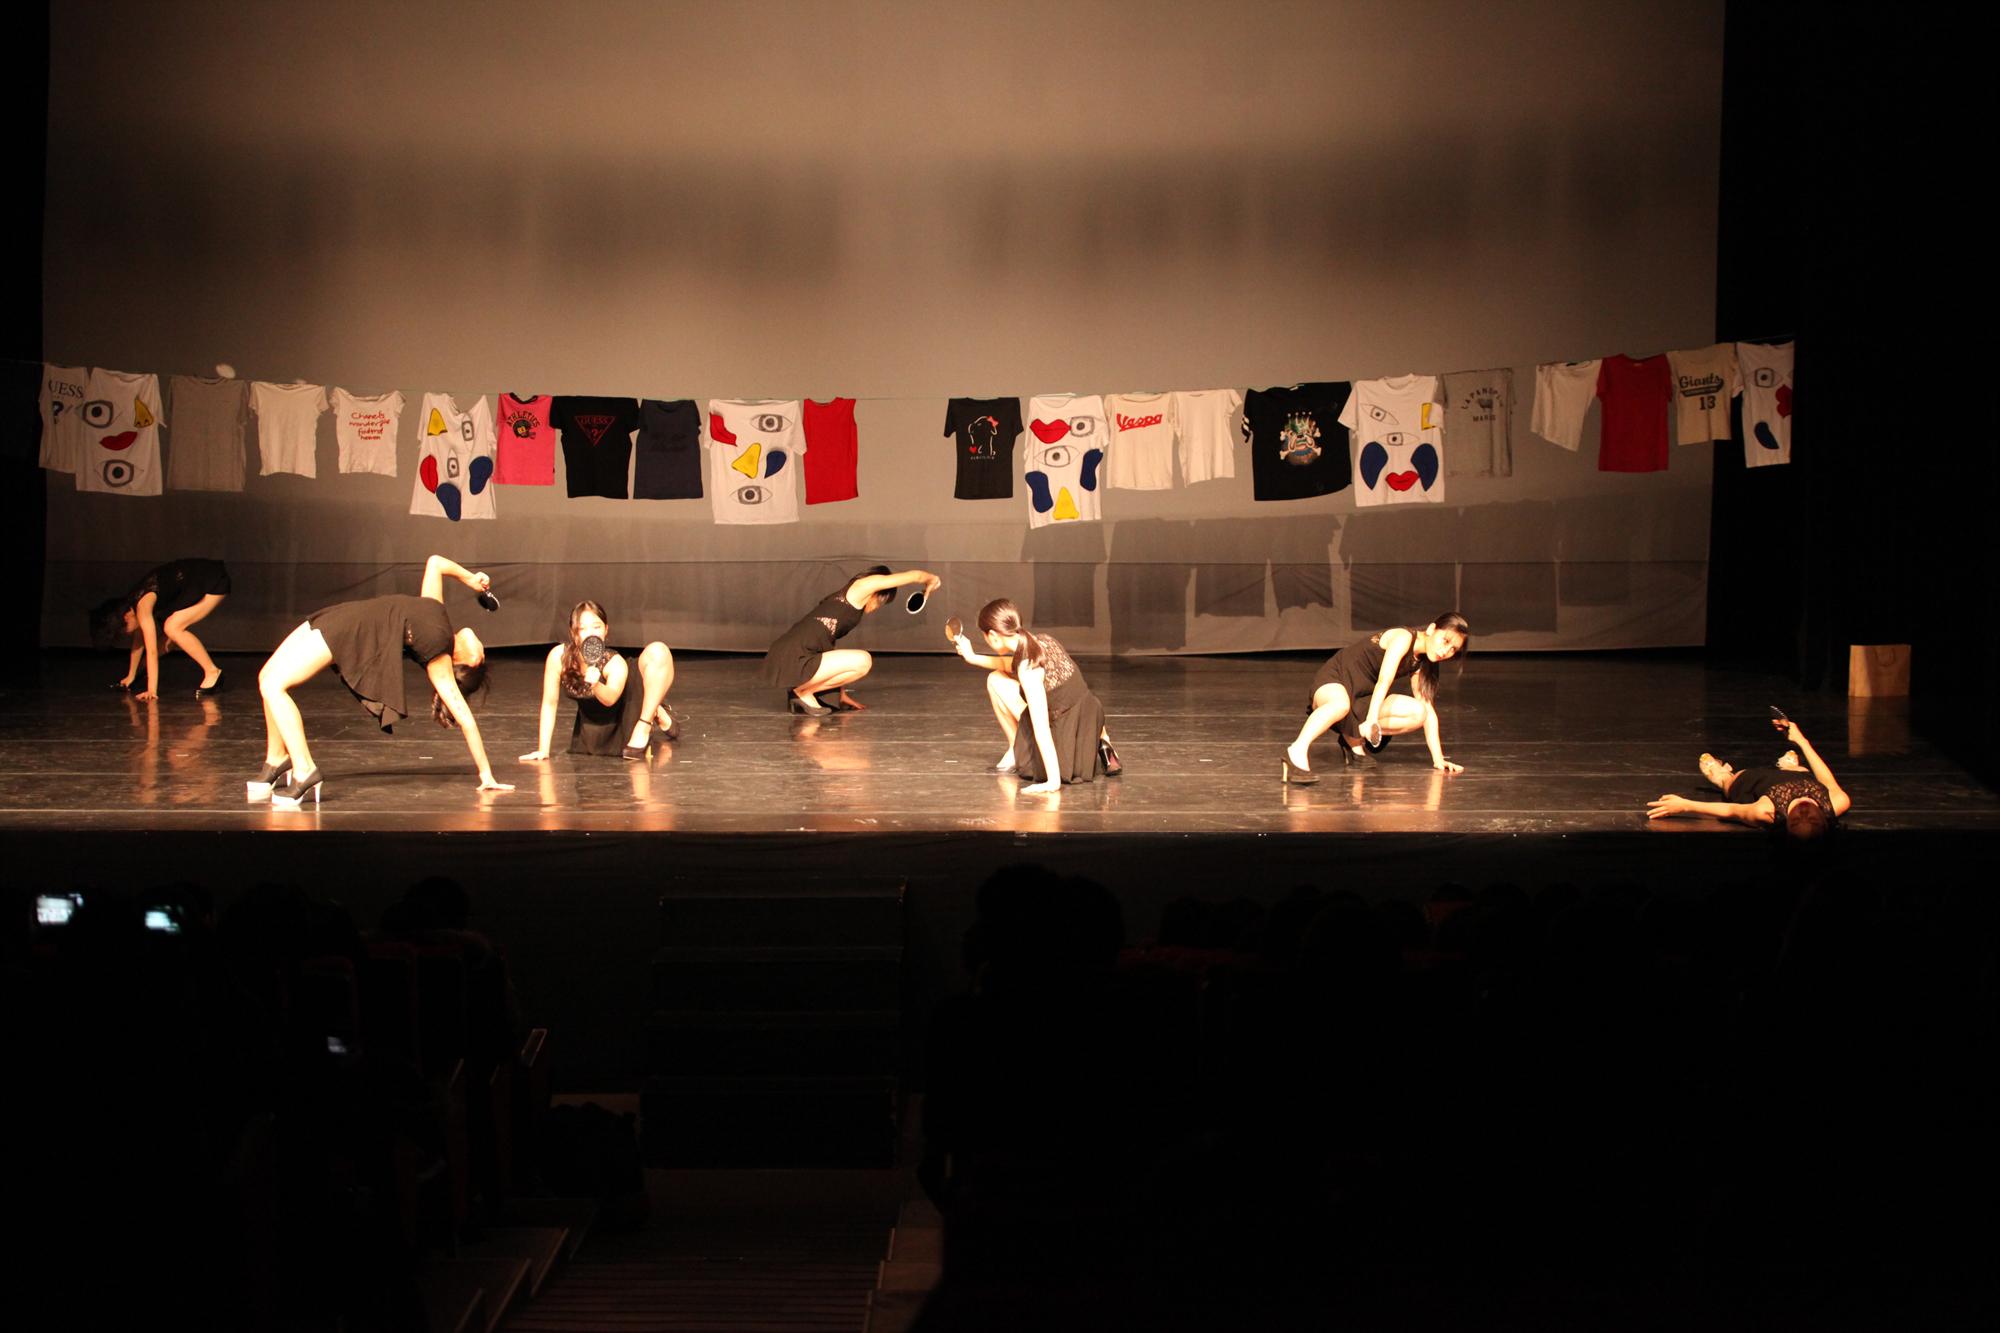 2014년 제6회 창작발표회 (Modern dance) 첨부이미지